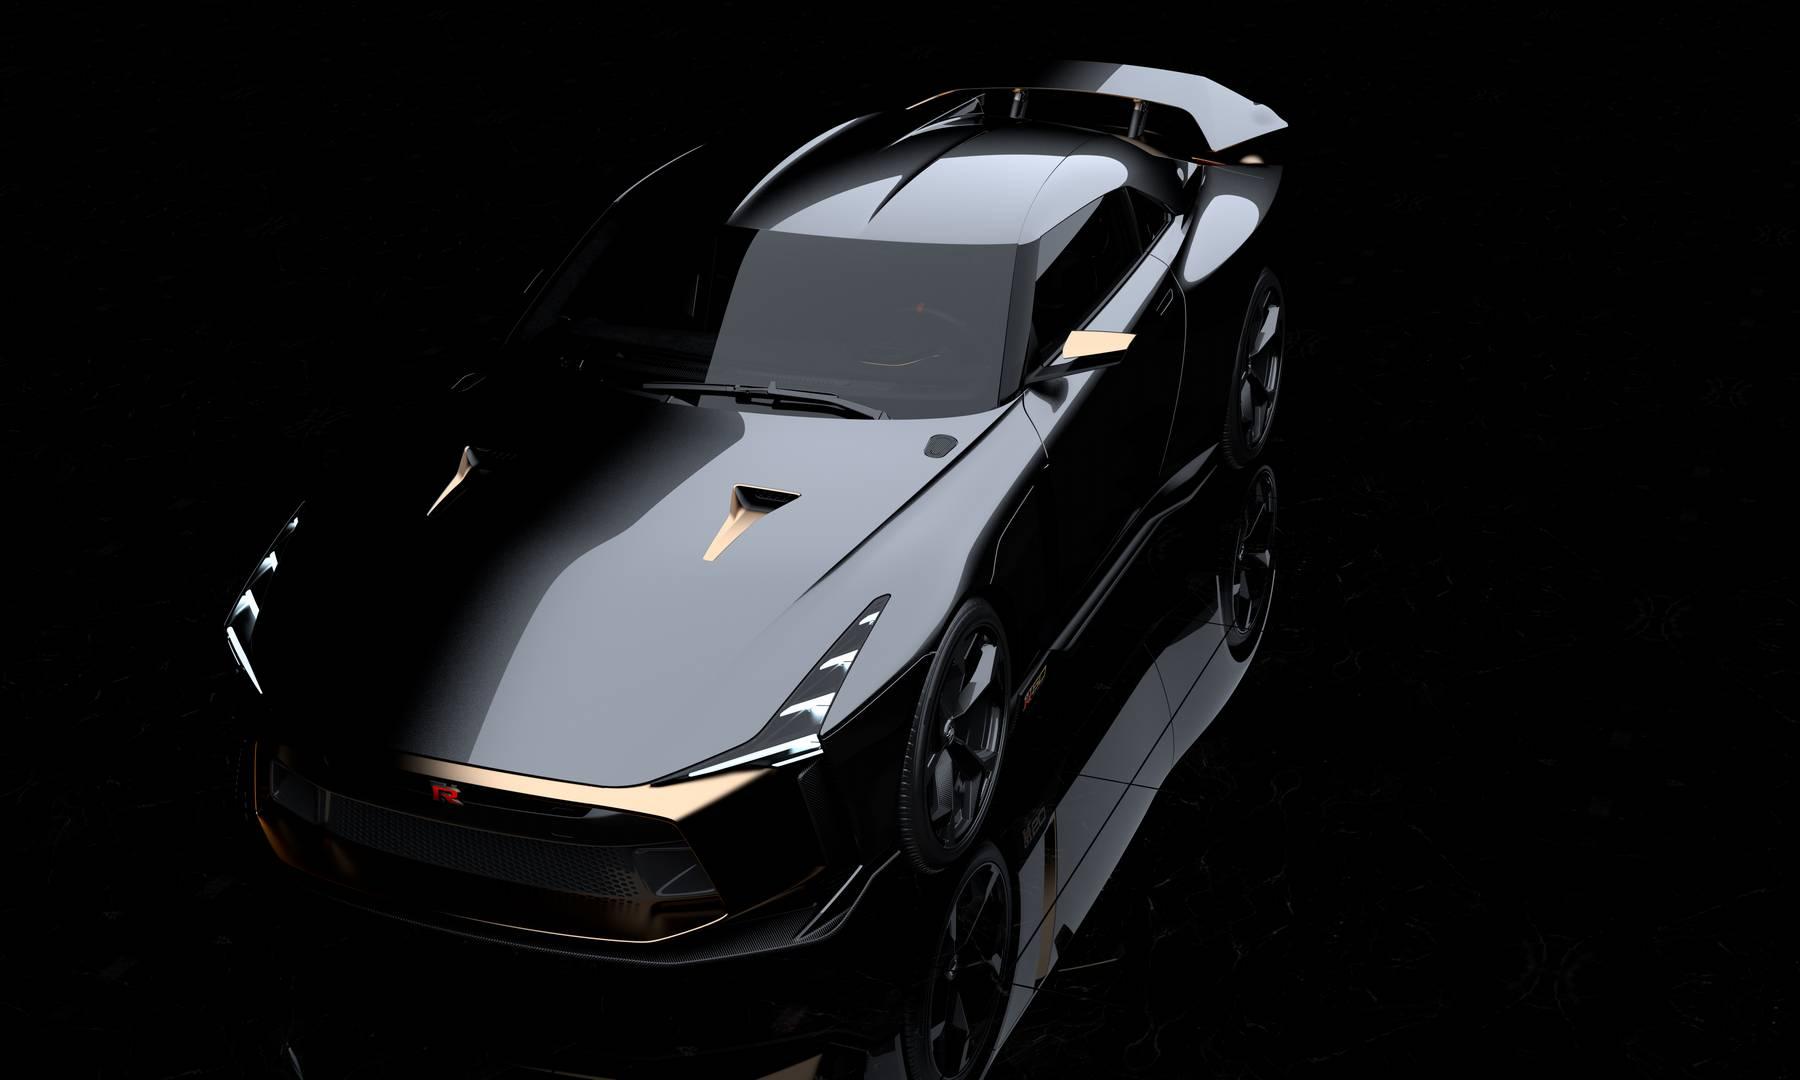 Автомобиль был разработан, спроектирован и построен компанией Italdesign с использованием конструкций, созданных в Nissan Design Europe в Лондоне и Nissan Design America. Автомобиль получил золотистые элементы, которые украшают автомобиль начиная с п